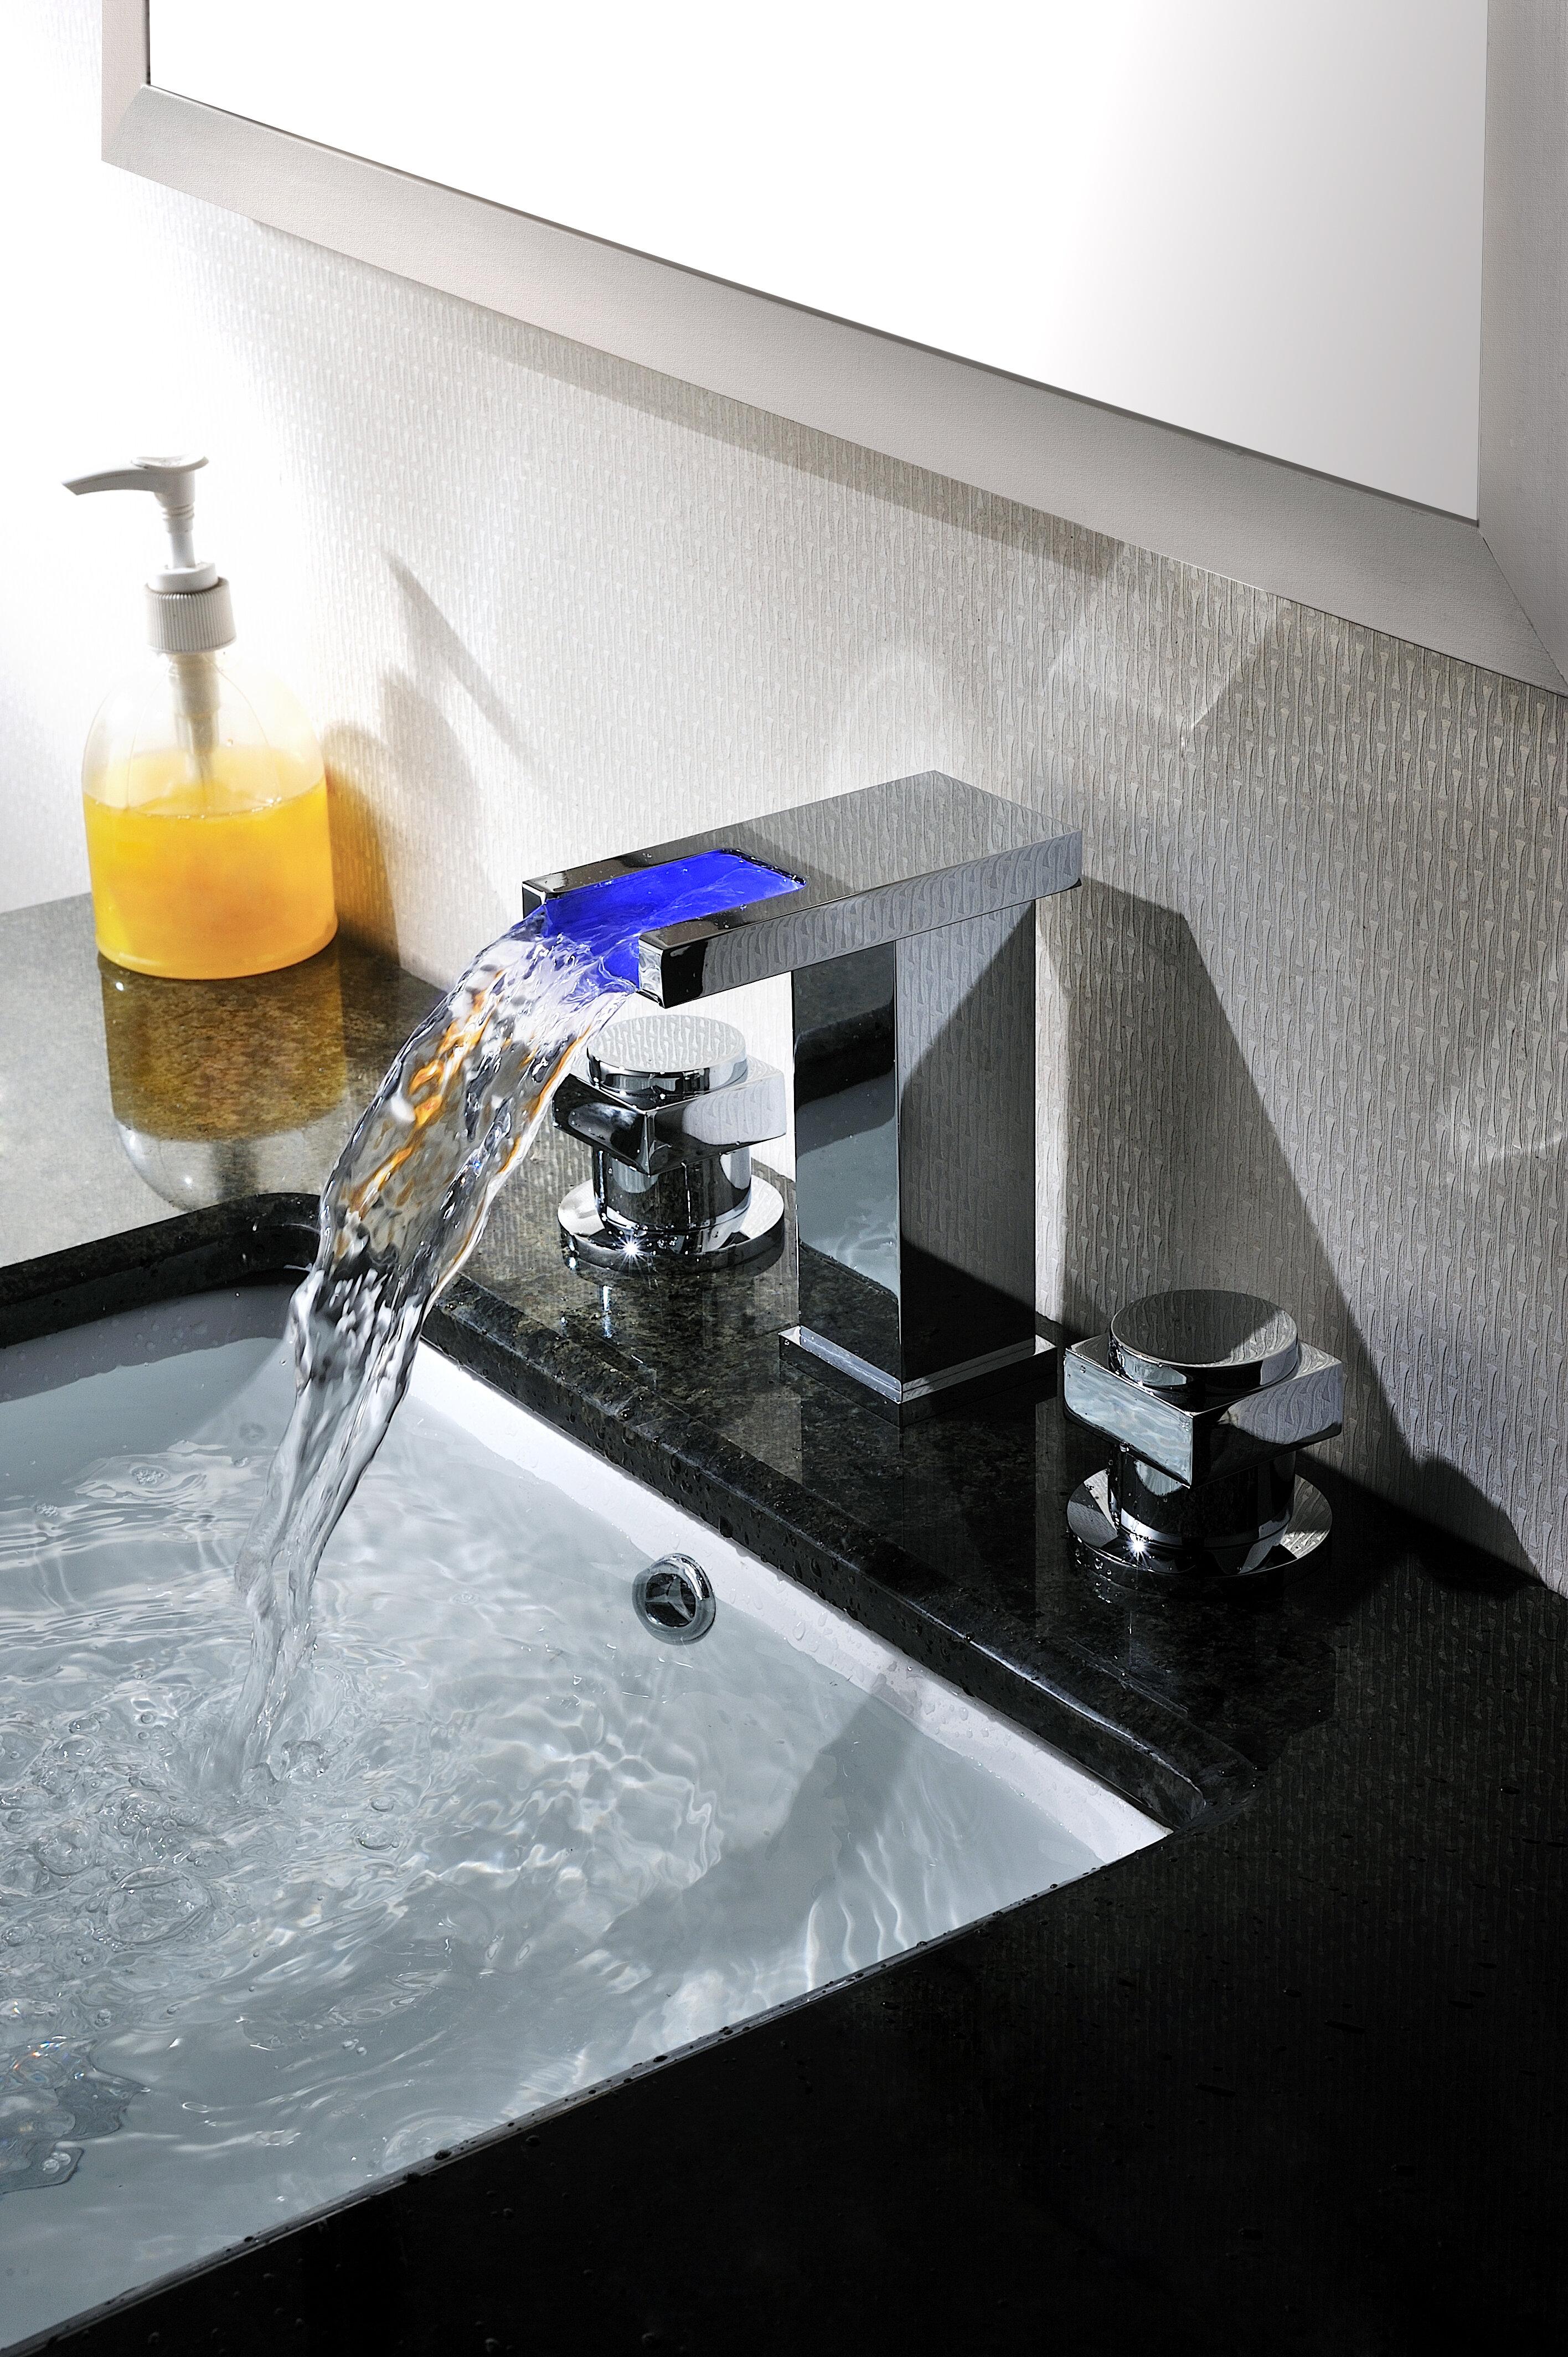 Sumerain Widespread Led Waterfall Bathroom Sink Faucet Reviews Wayfair